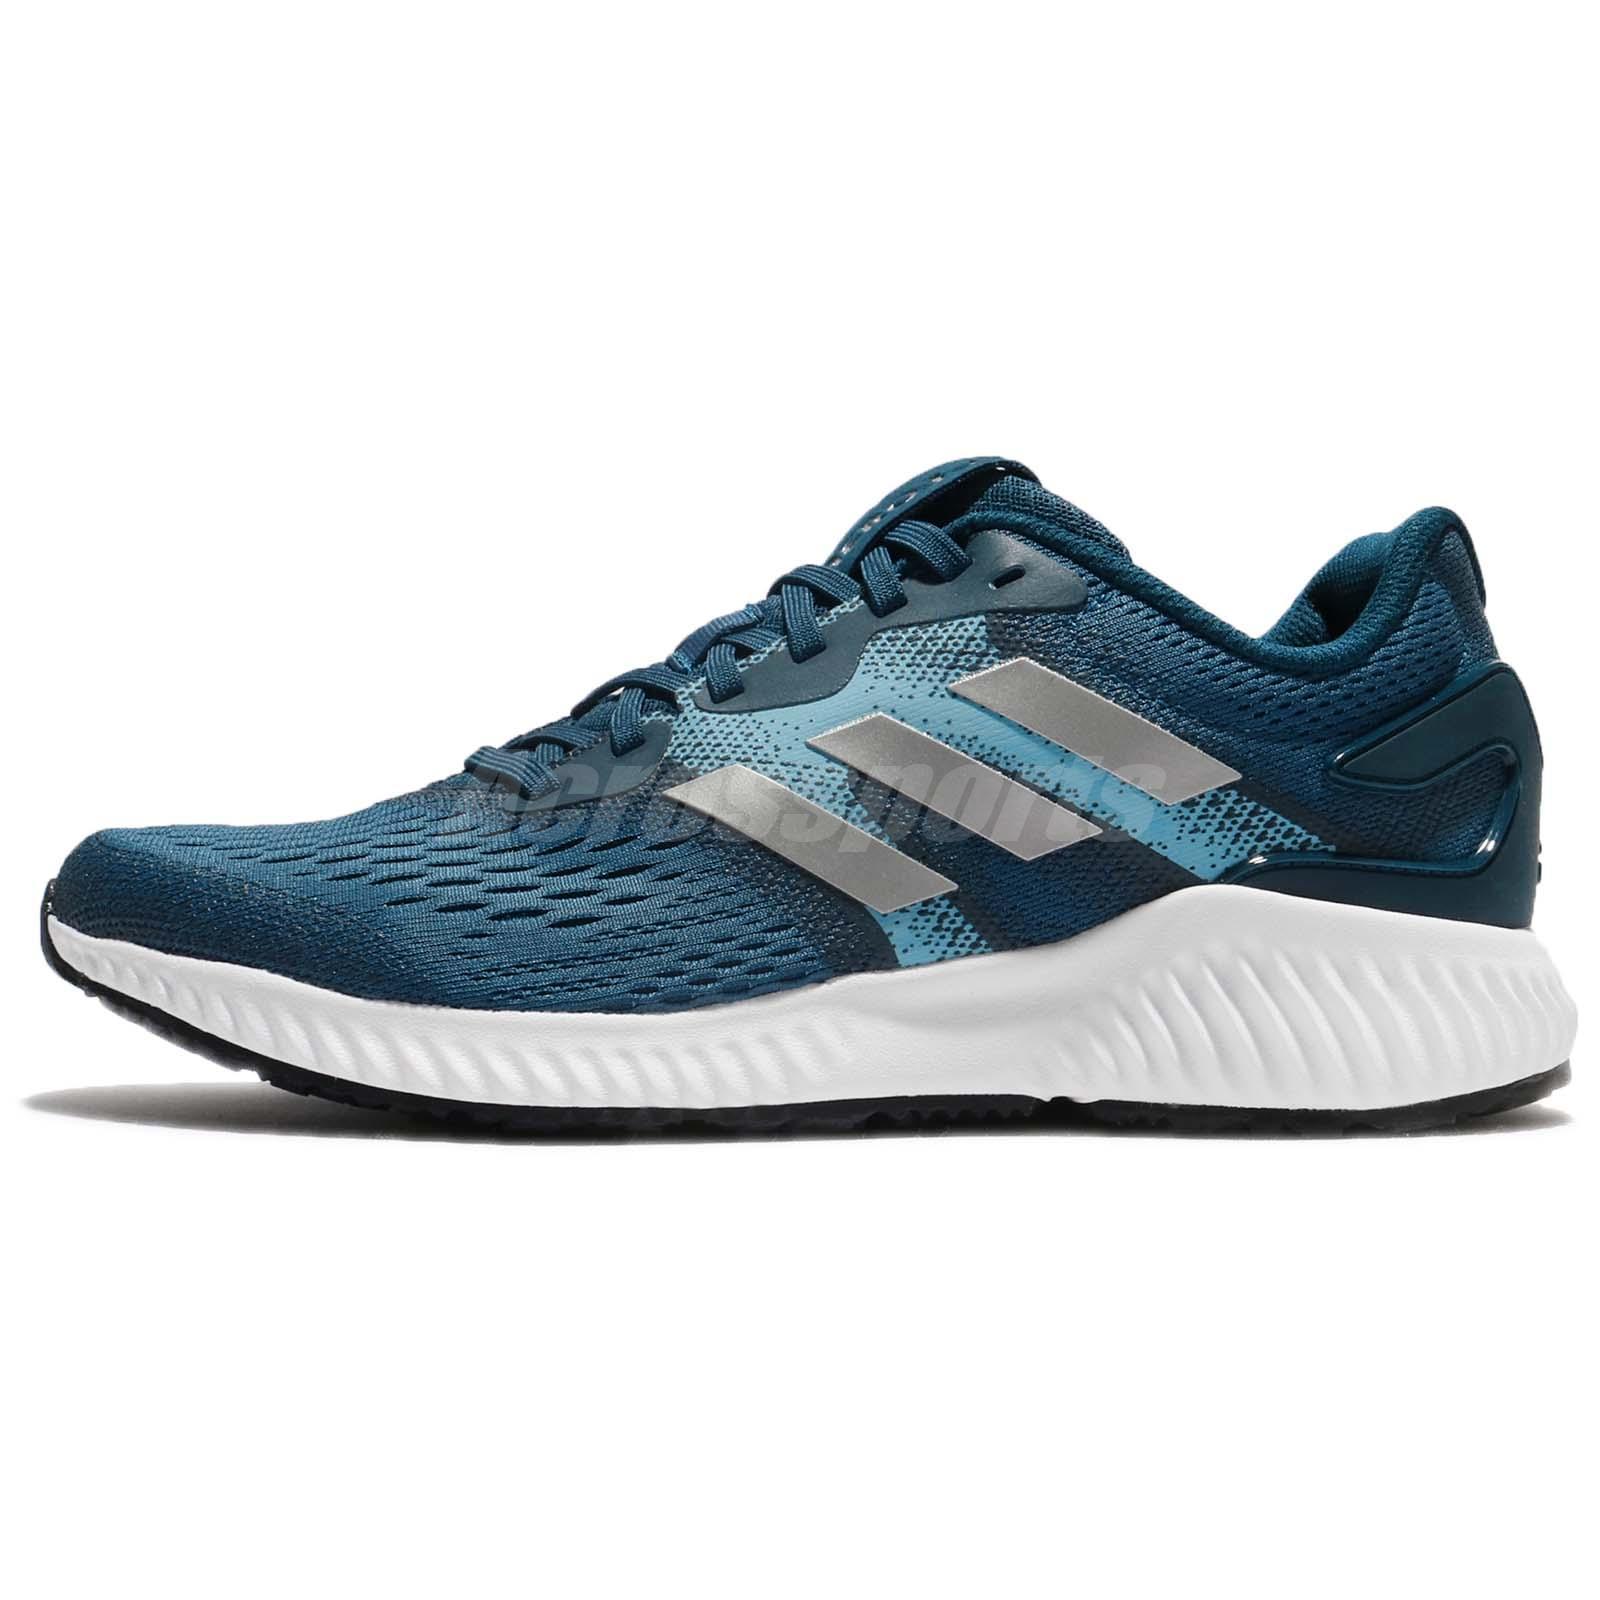 fc3a7ef8795f1 adidas bounce blue